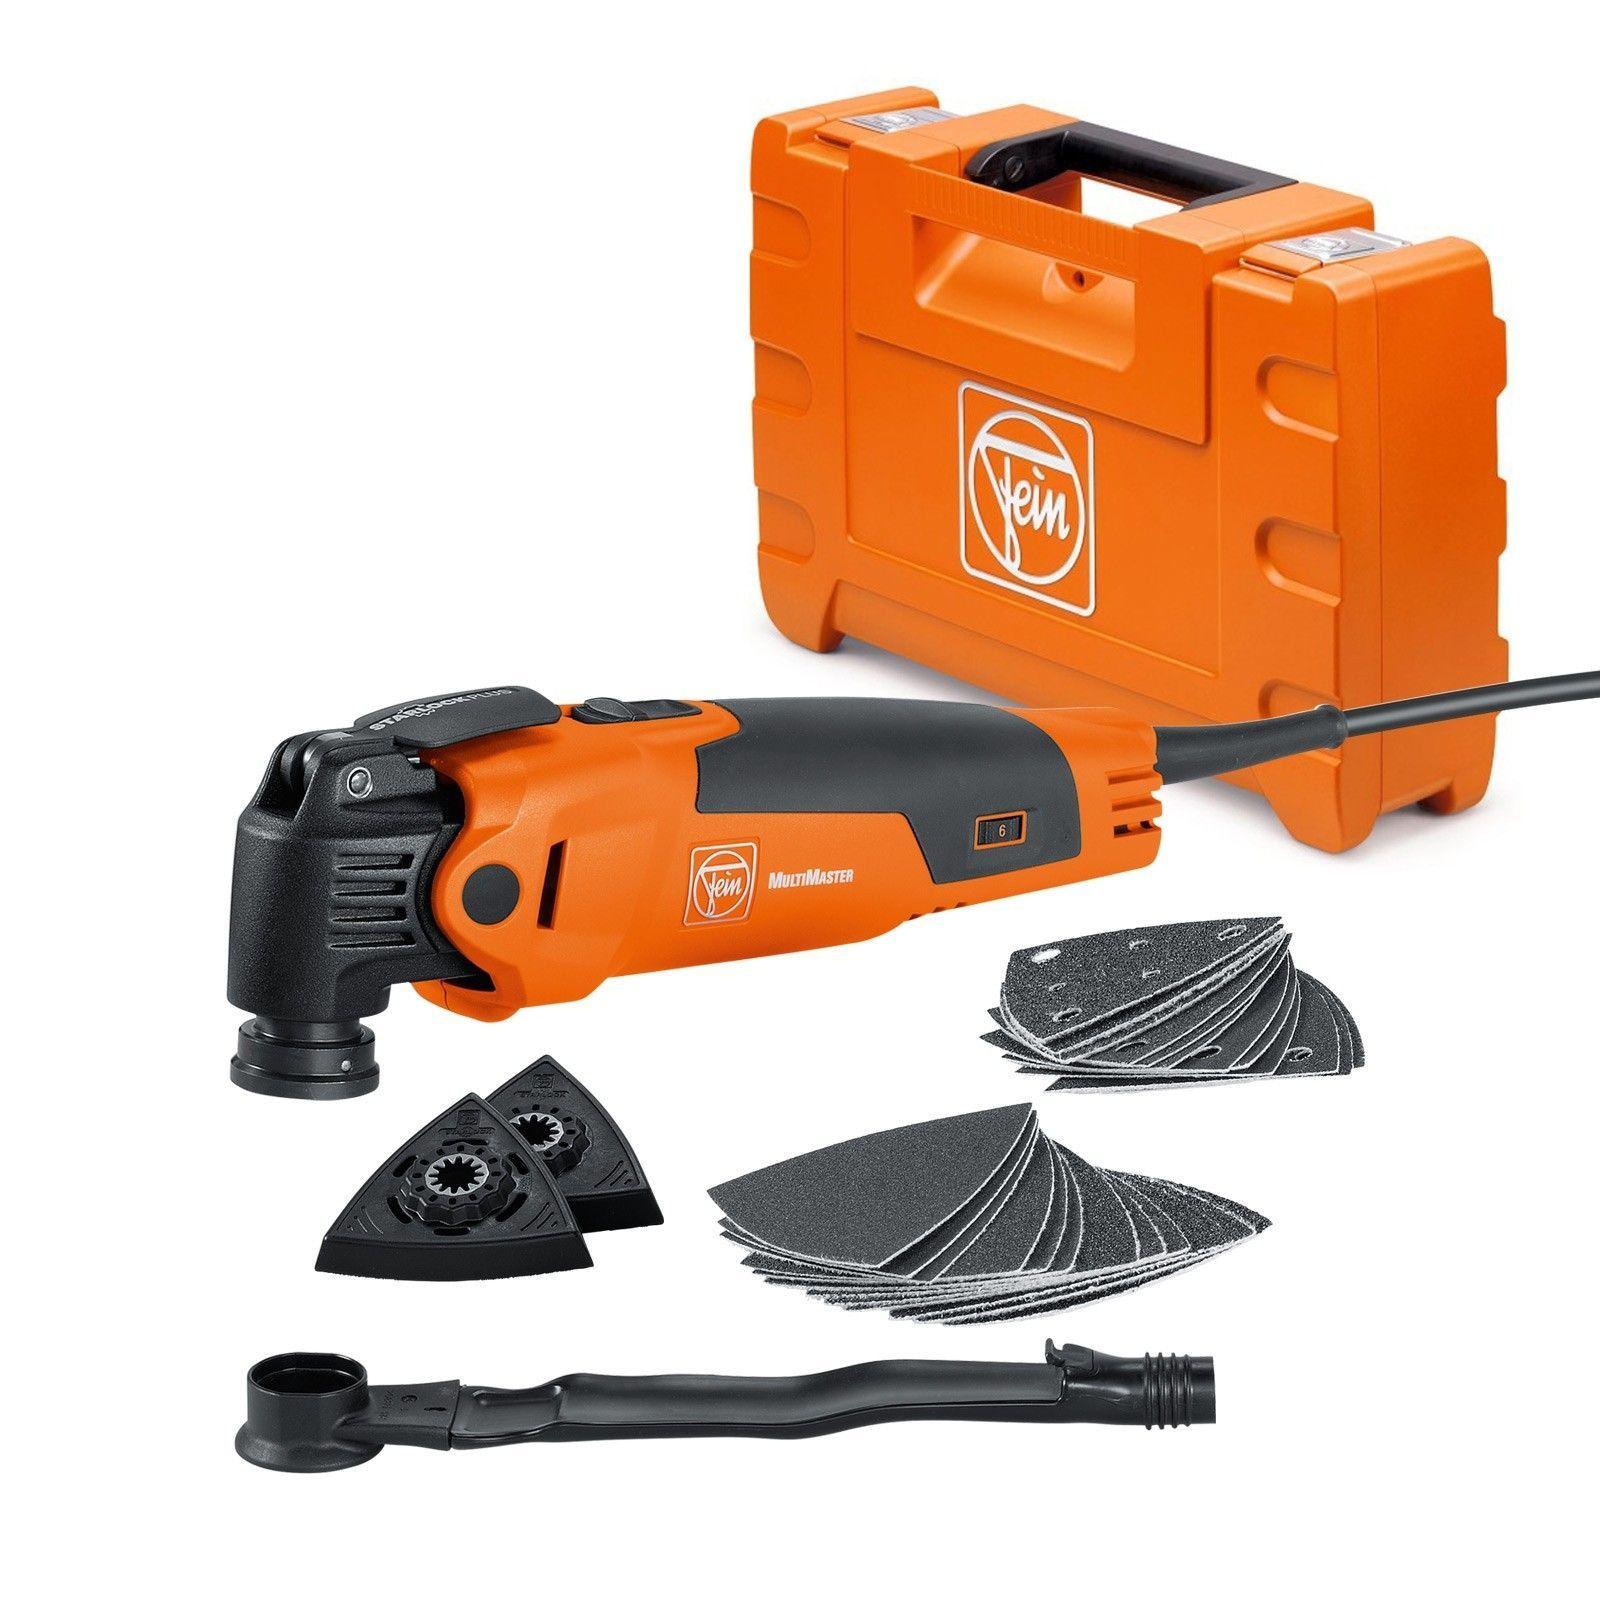 Fein MultiMaster FMM 350 QSL Basic im Koffer + Staubabsaugung für ...